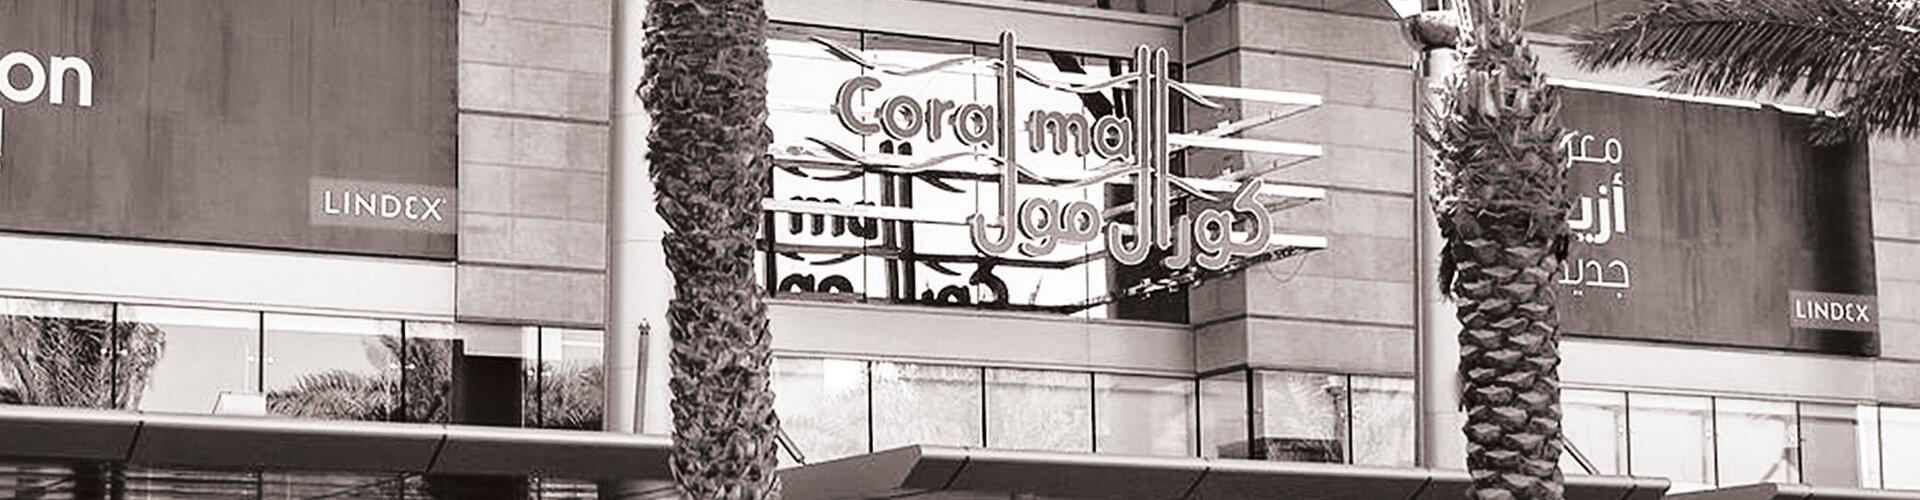 Coral Mall Jeddah